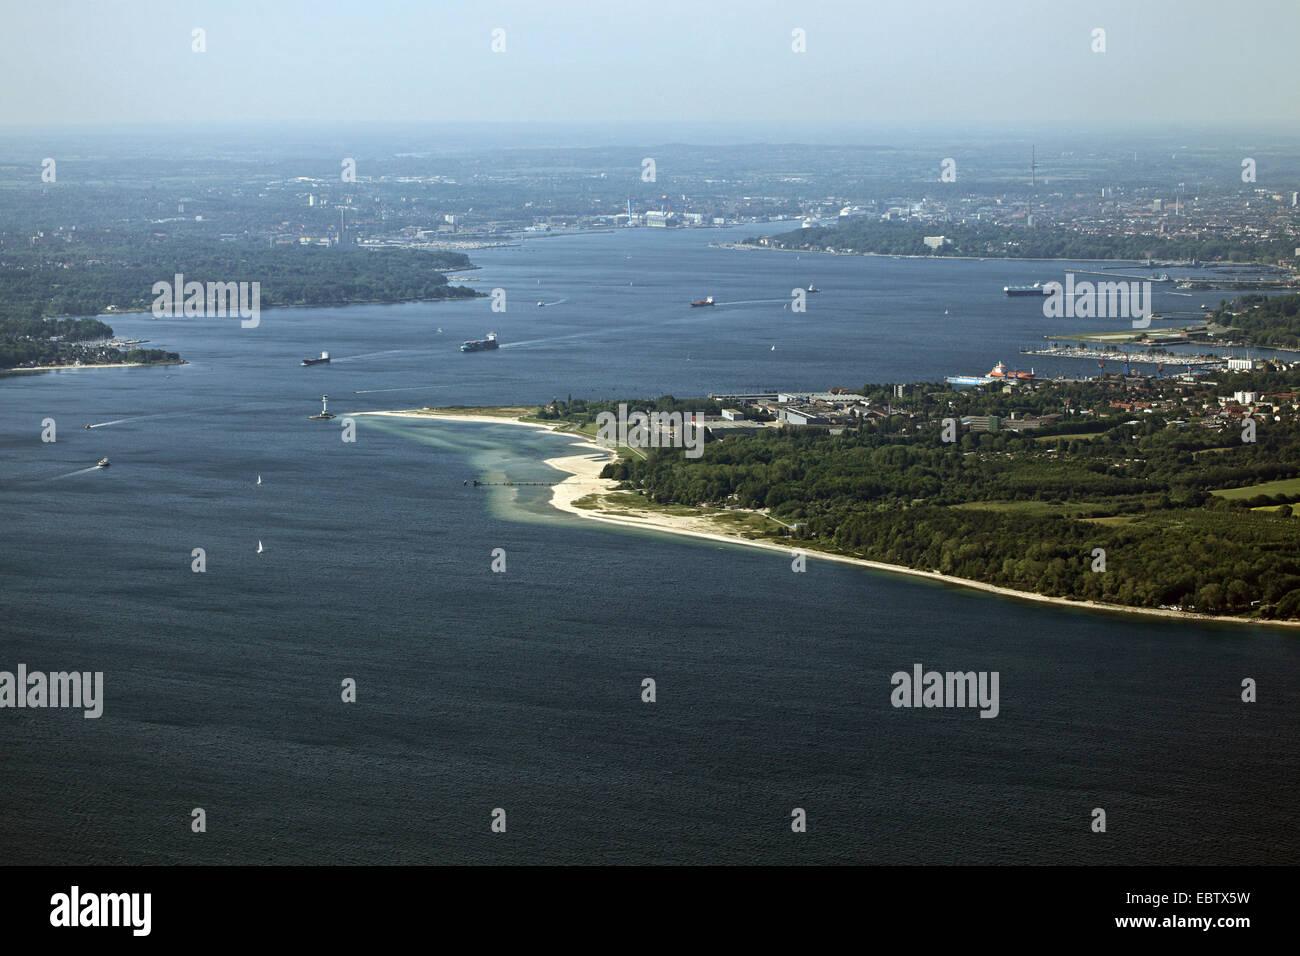 Bay of Kiel, Germany, Kiel - Stock Image